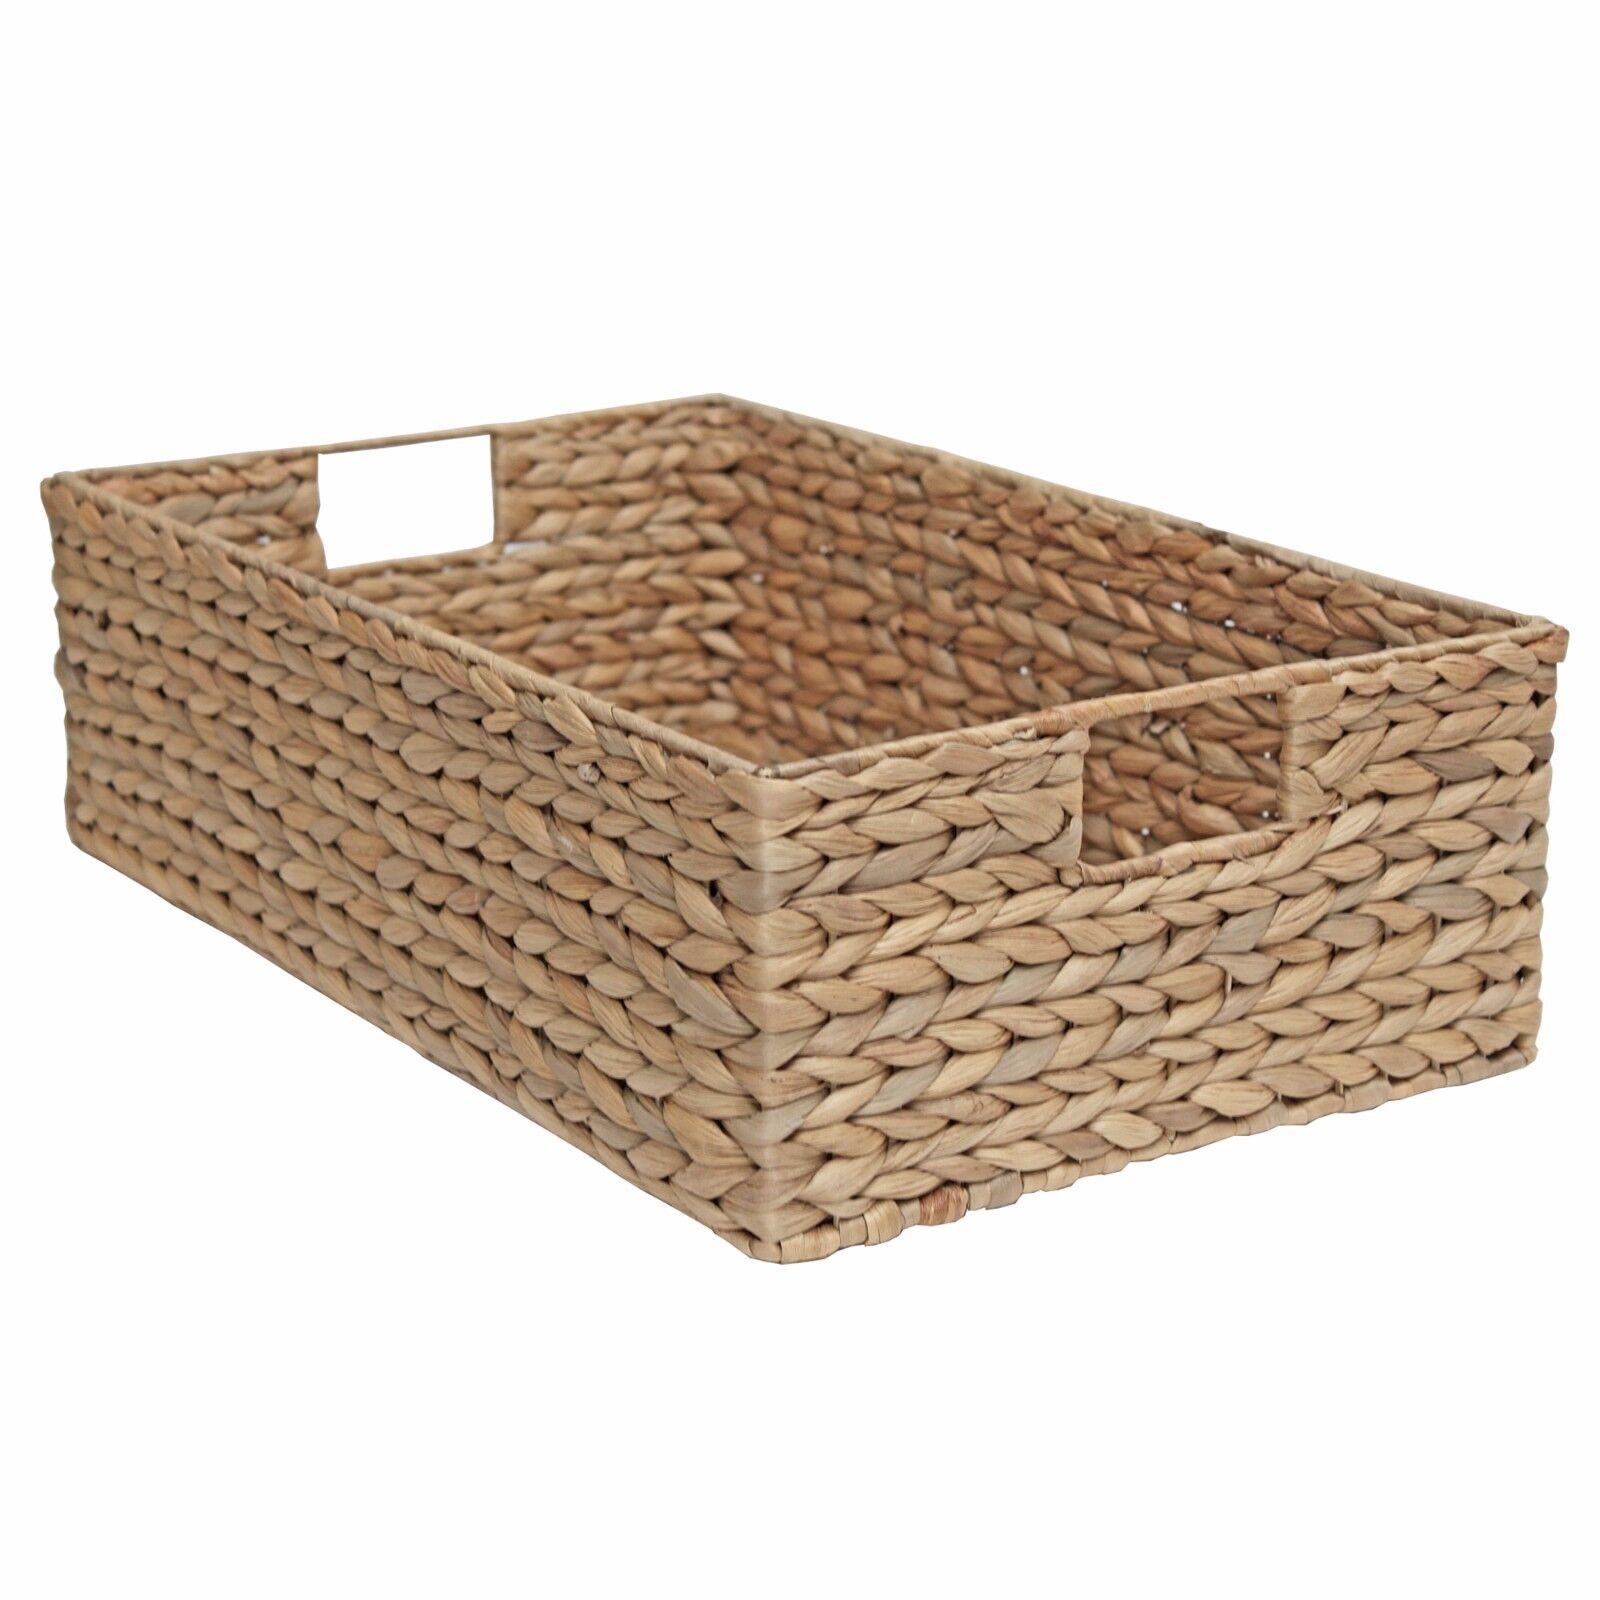 Osier long stockage panier jacinthe d'eau-chambre à cuisine, coucher, cuisine, à bureau, affichage 4e499d